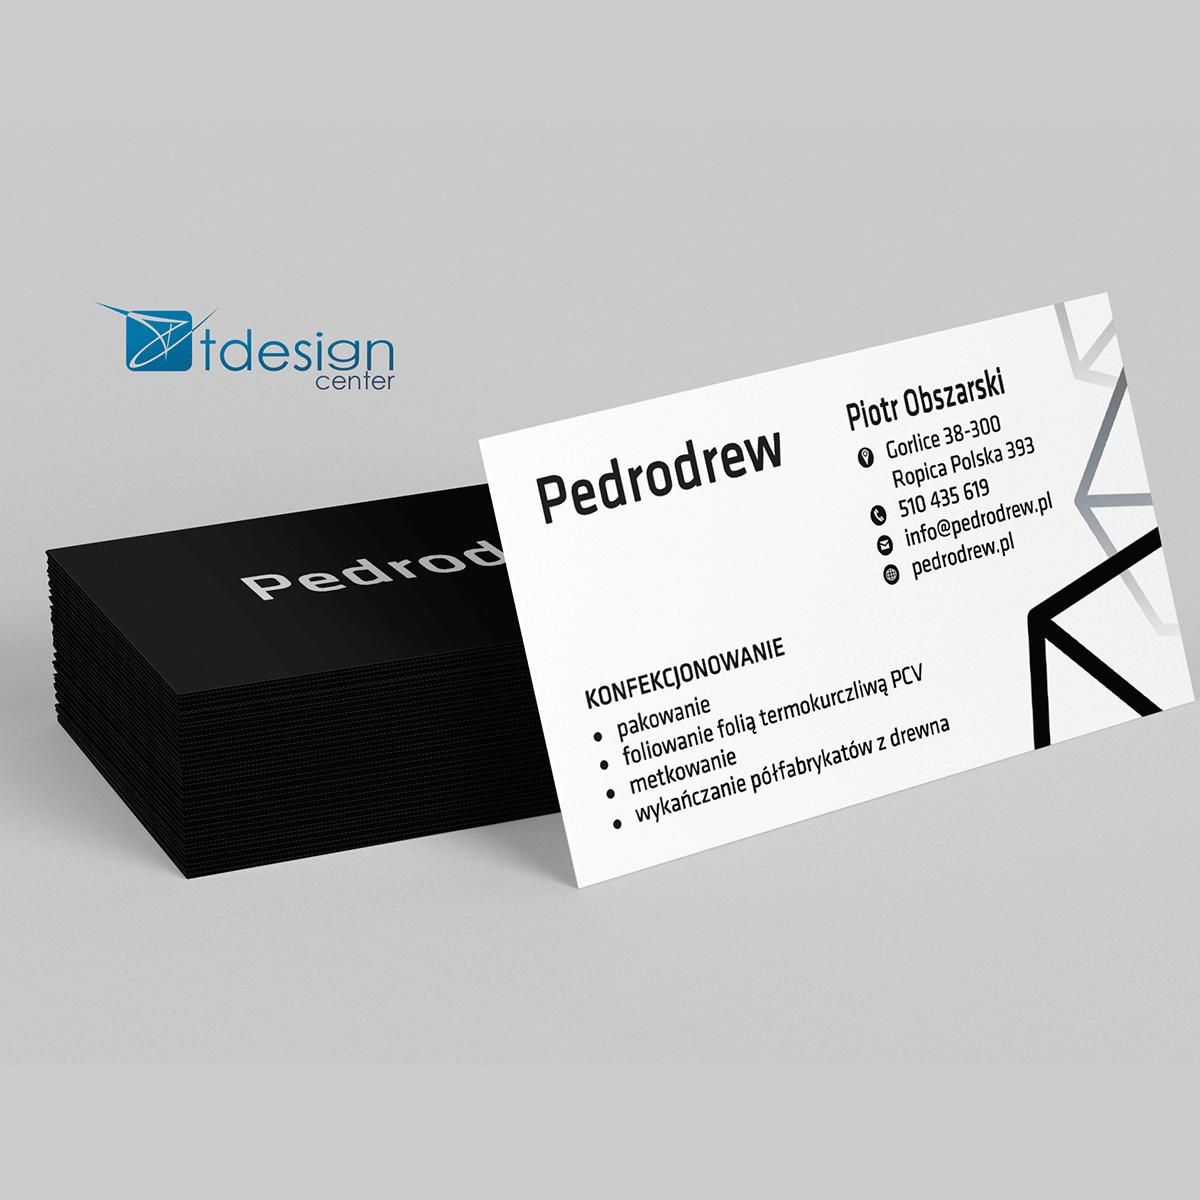 Wizytówka 90x50mm, projekt + druk, realizacja dla firmy Pedrodrew